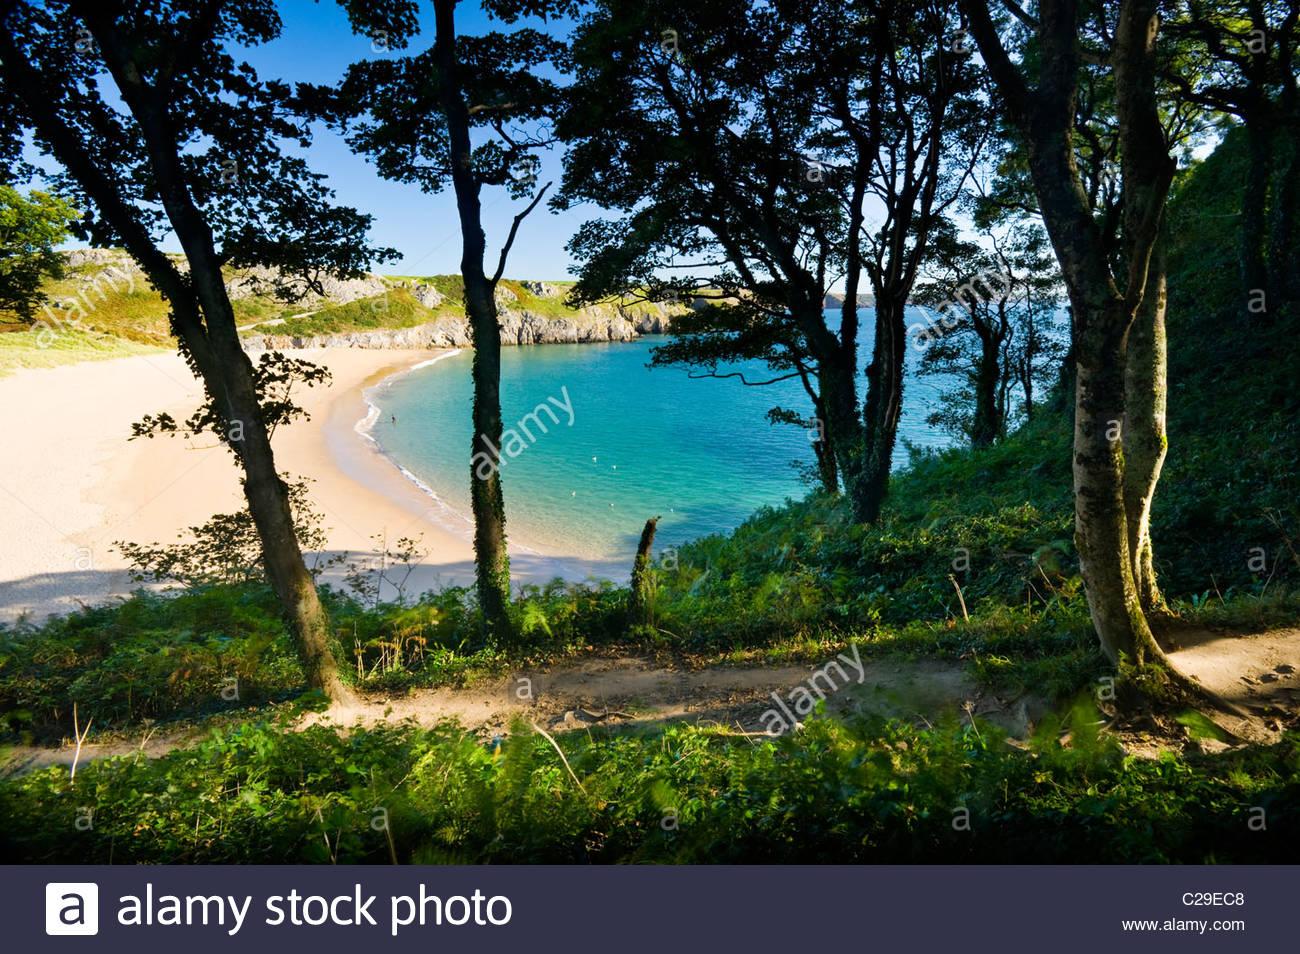 Barafundle Bay, Il Pembrokeshire Coast National Park, nel Galles del Sud. Immagini Stock